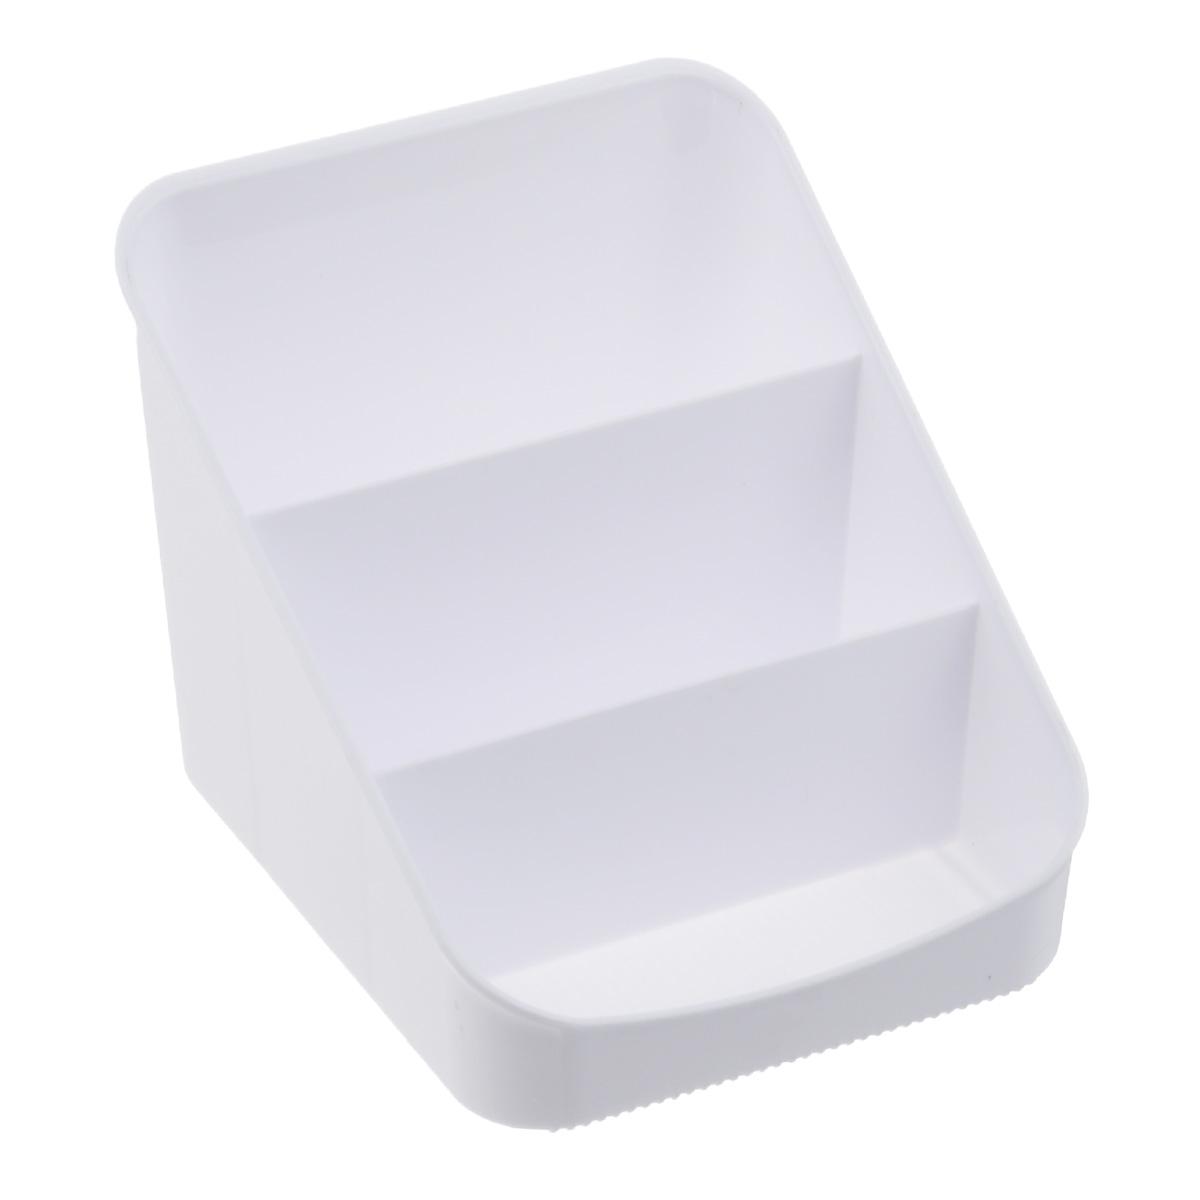 Органайзер для специй Berossi Alt, цвет: белыйИК16001000Органайзер для специй Alt выполнен из прочного пластика и разделен на 3 секции. С ним все ваши специи всегда будут на своем месте.Благодаря своим небольшим размерам изделие удобно впишется в стандартный кухонный шкаф, или разместится на столе. В таком органайзере также удобно хранить канцелярские принадлежности. Замечательный органайзер поможет навести на кухне полный порядок и расставить все по местам.